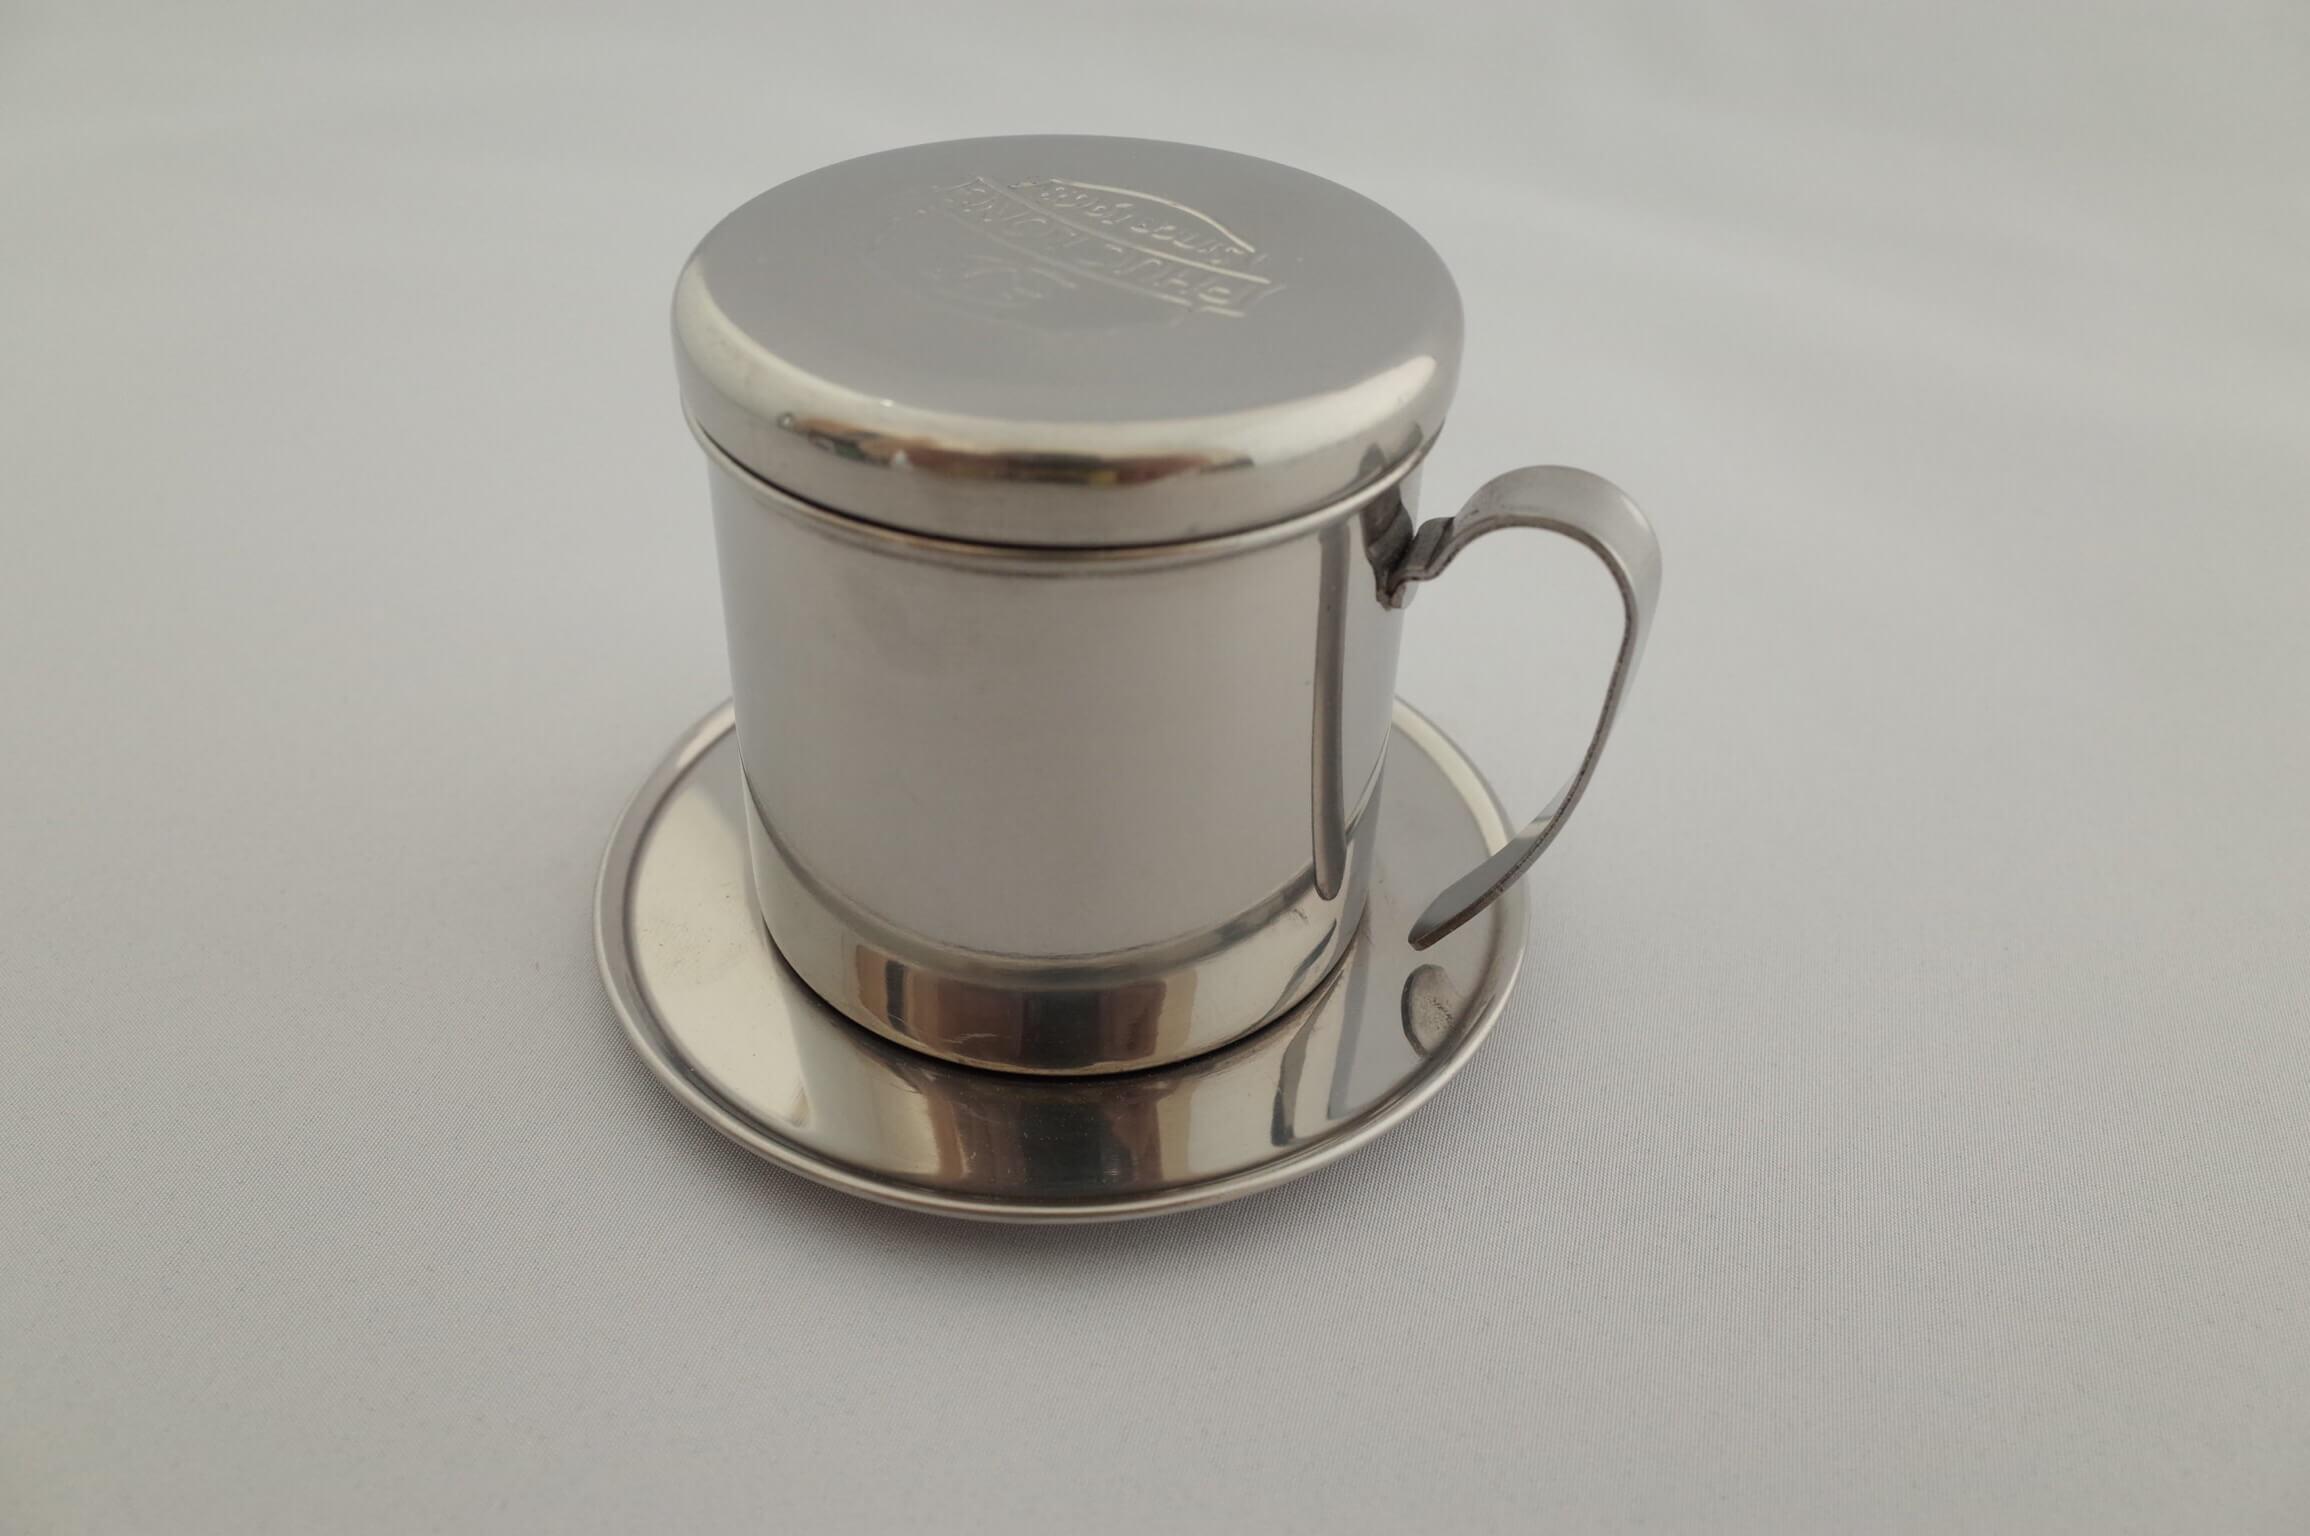 自宅で作るベトナムコーヒー!お土産で買ってきた珈琲ドリッパーセットを開封